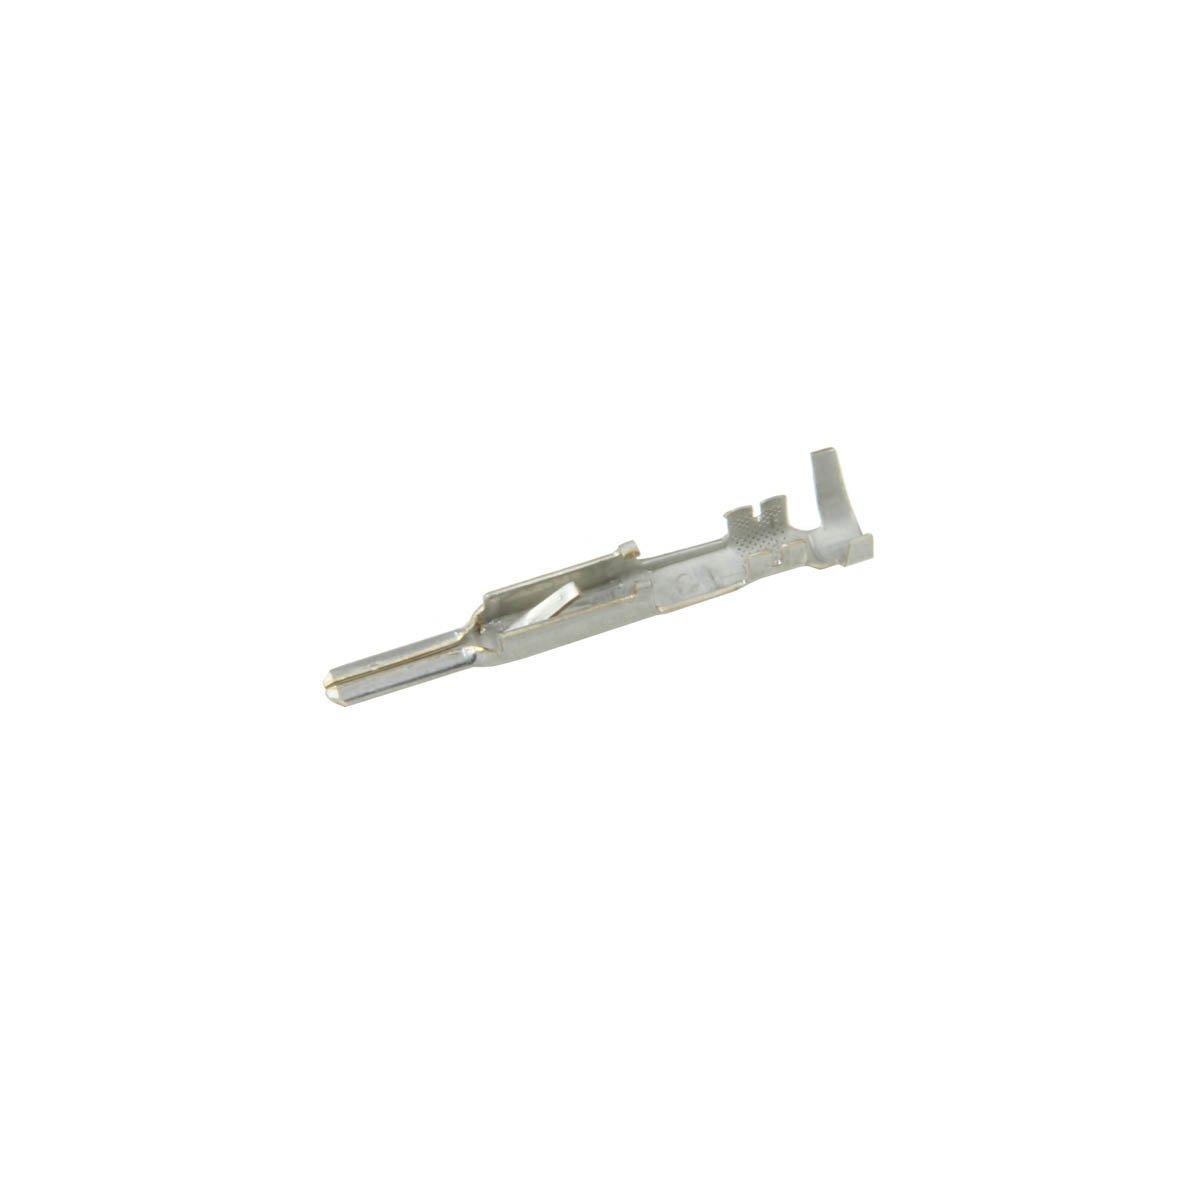 Automotive Connectors MALE 280 SERIES TIN CBL RANG 3.80-2.45MM (100 pieces)